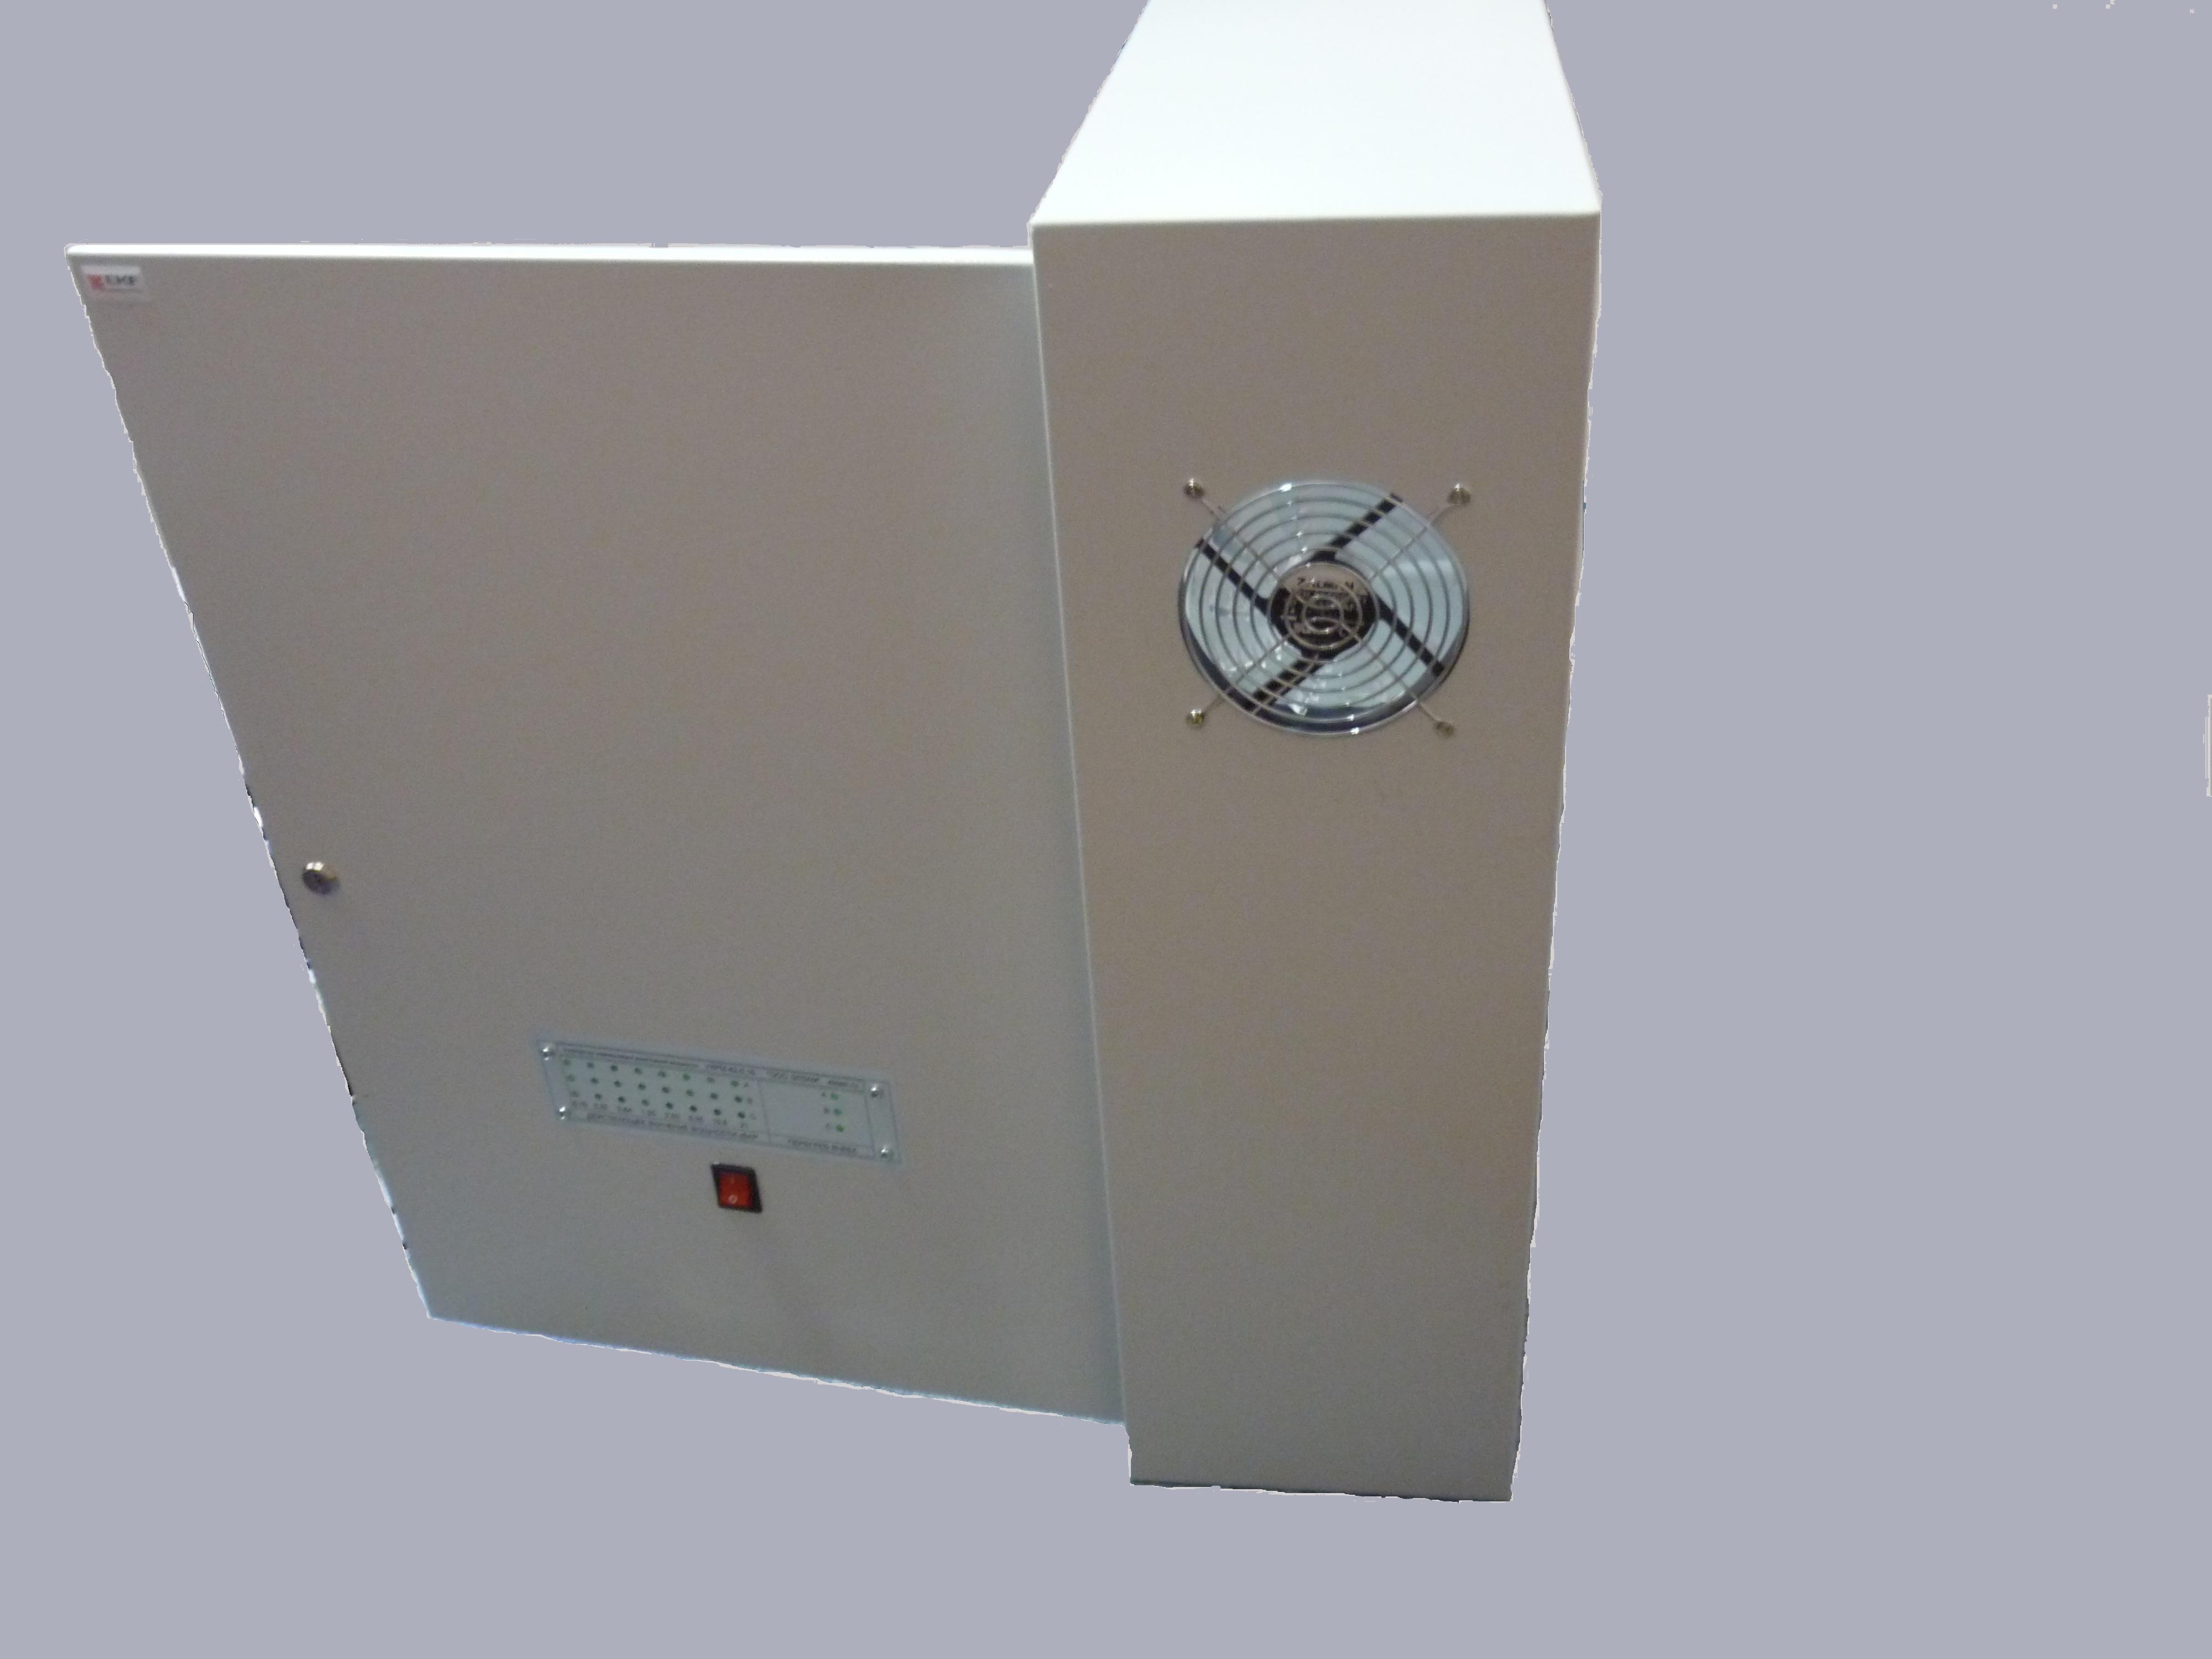 схема защиты и автоматики конденсаторной установки